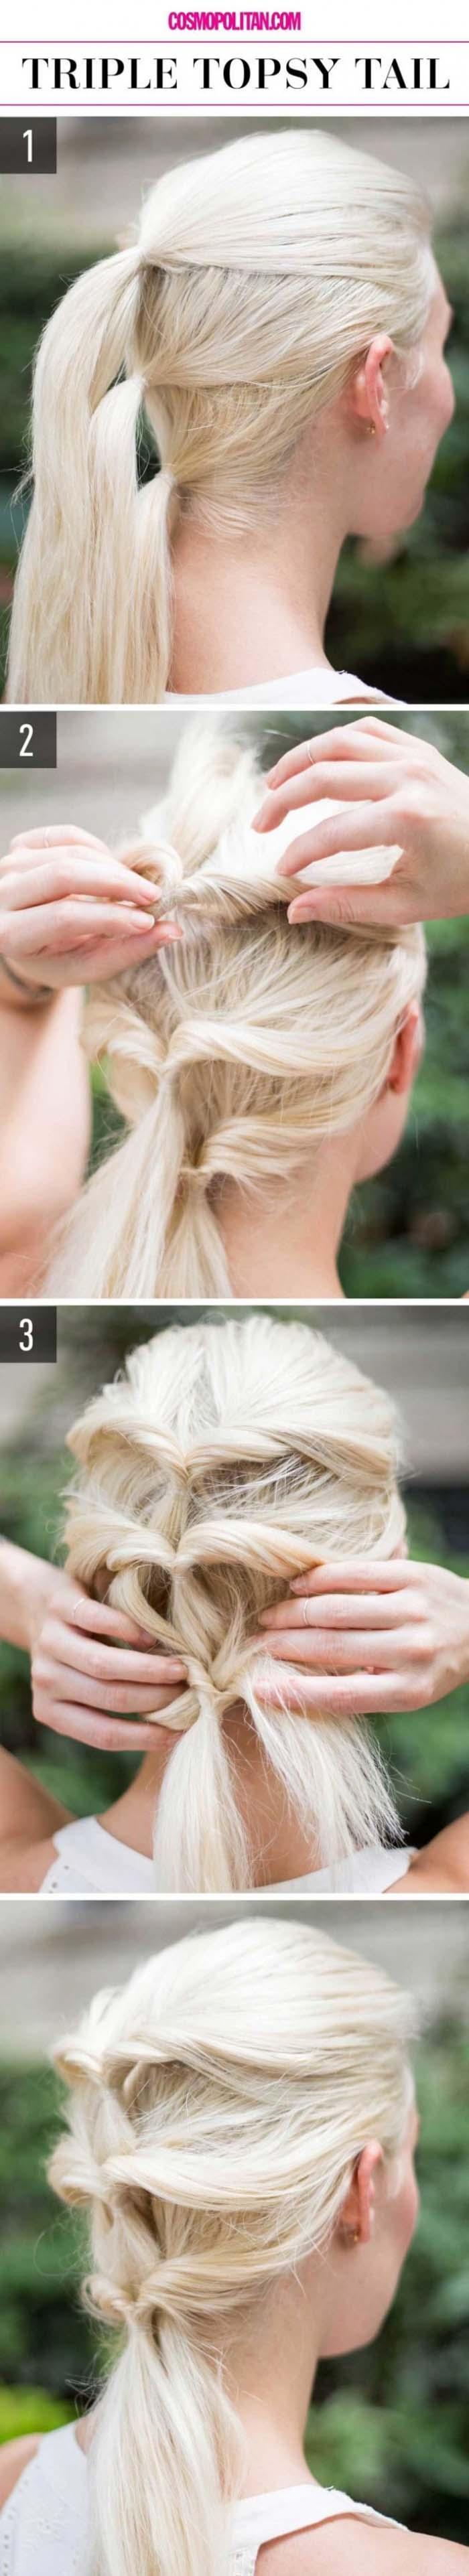 10 εύκολα χτενίσματα για κομψό look χωρίς κόπο (8)